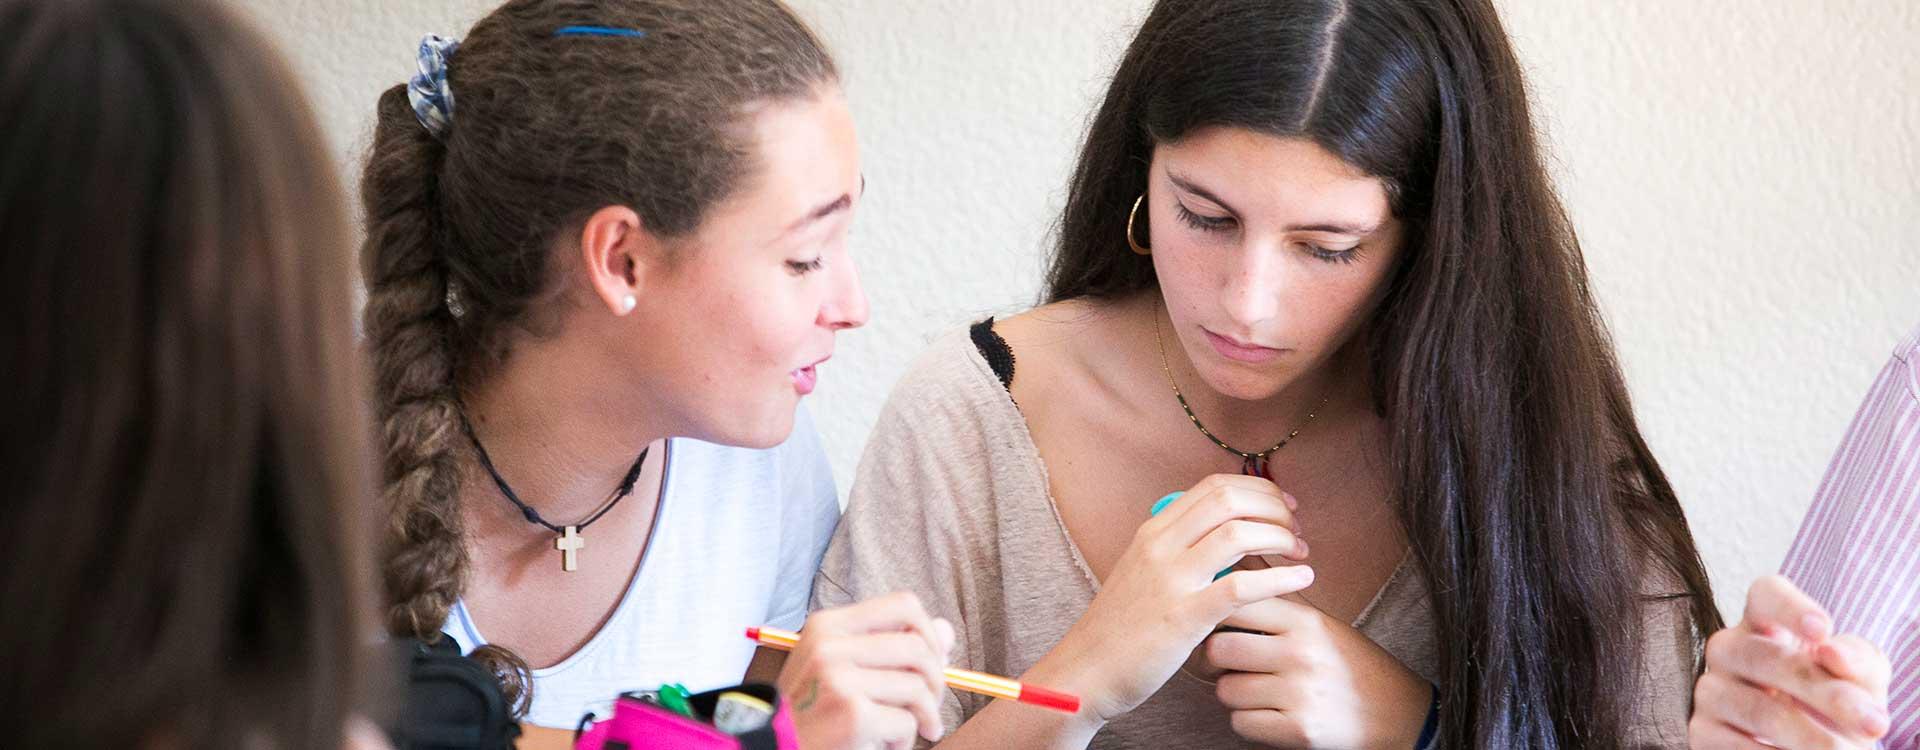 Bachillerato dual - Colegio Mater